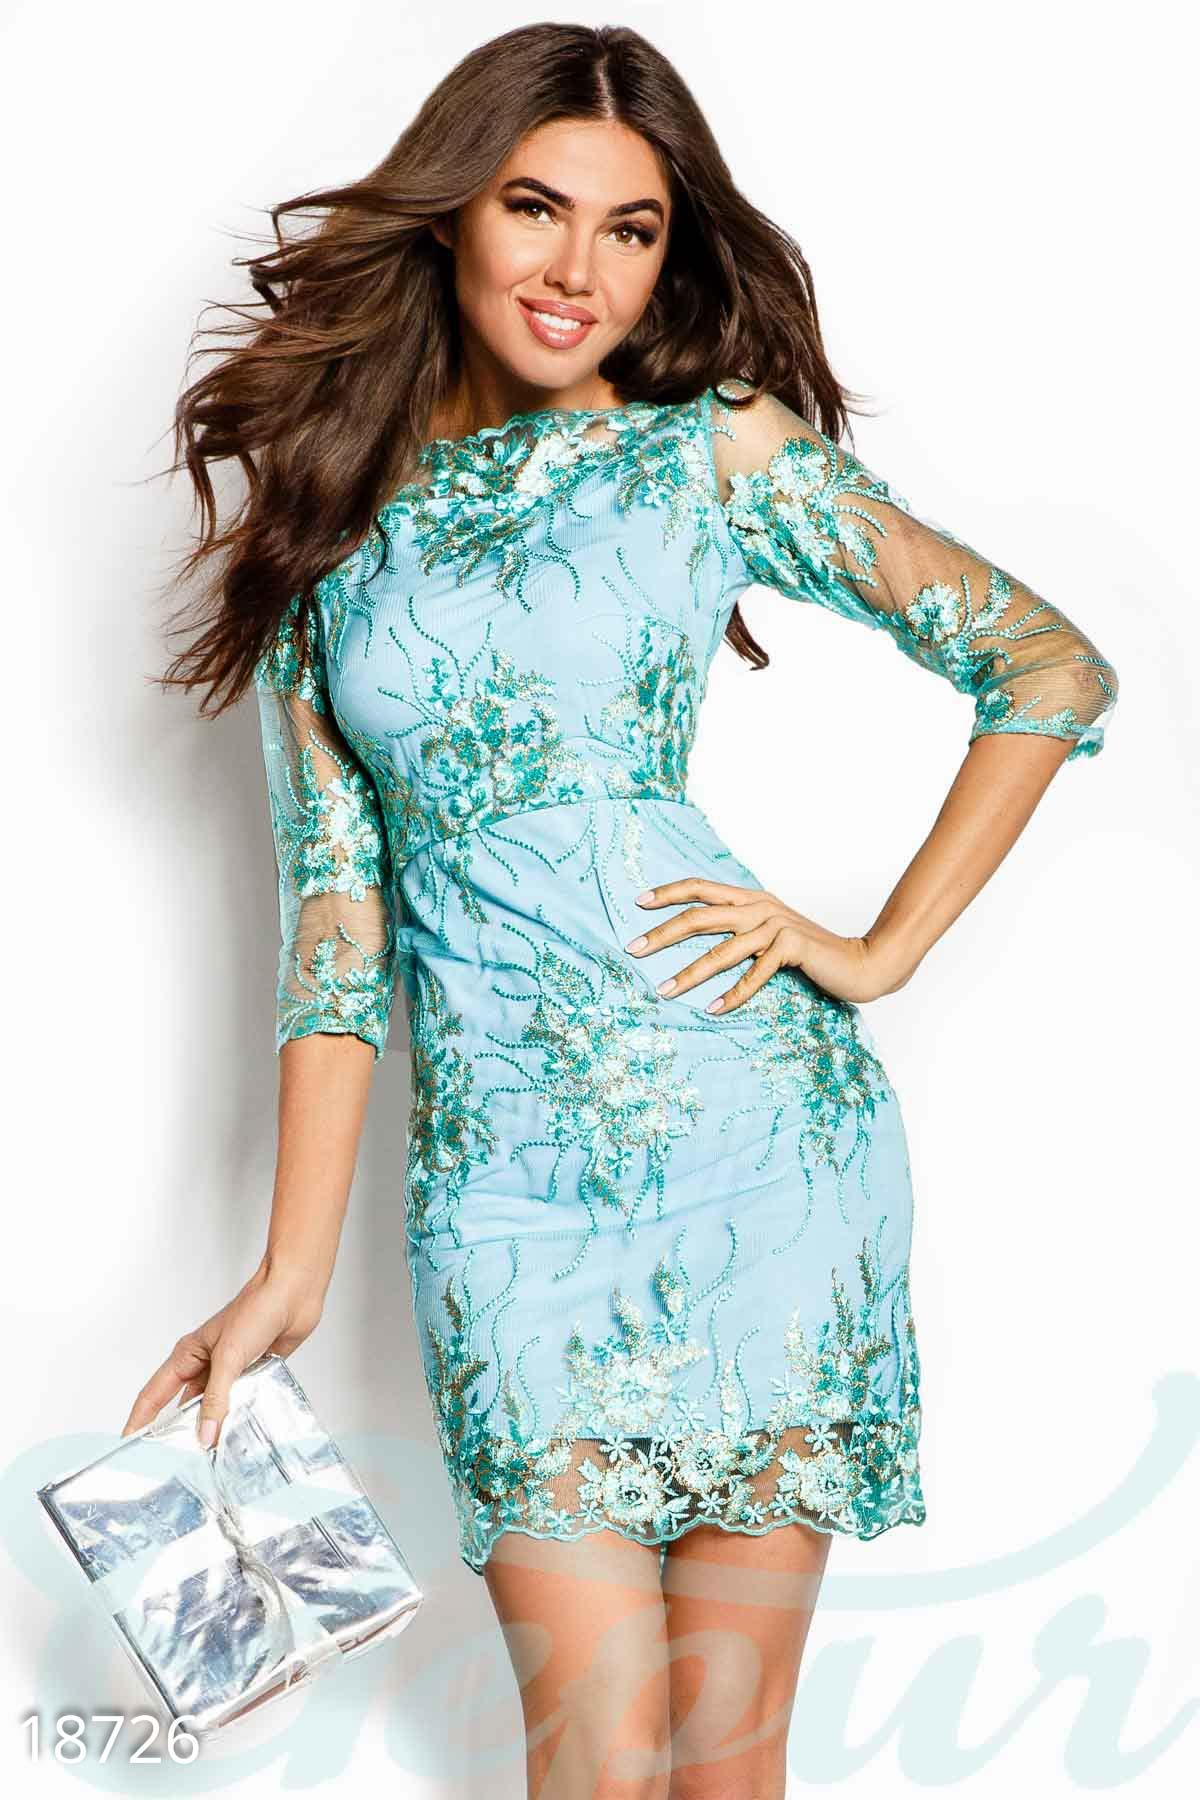 74e628e4c73 Платье на корпоратив - купить оптом и в розницу